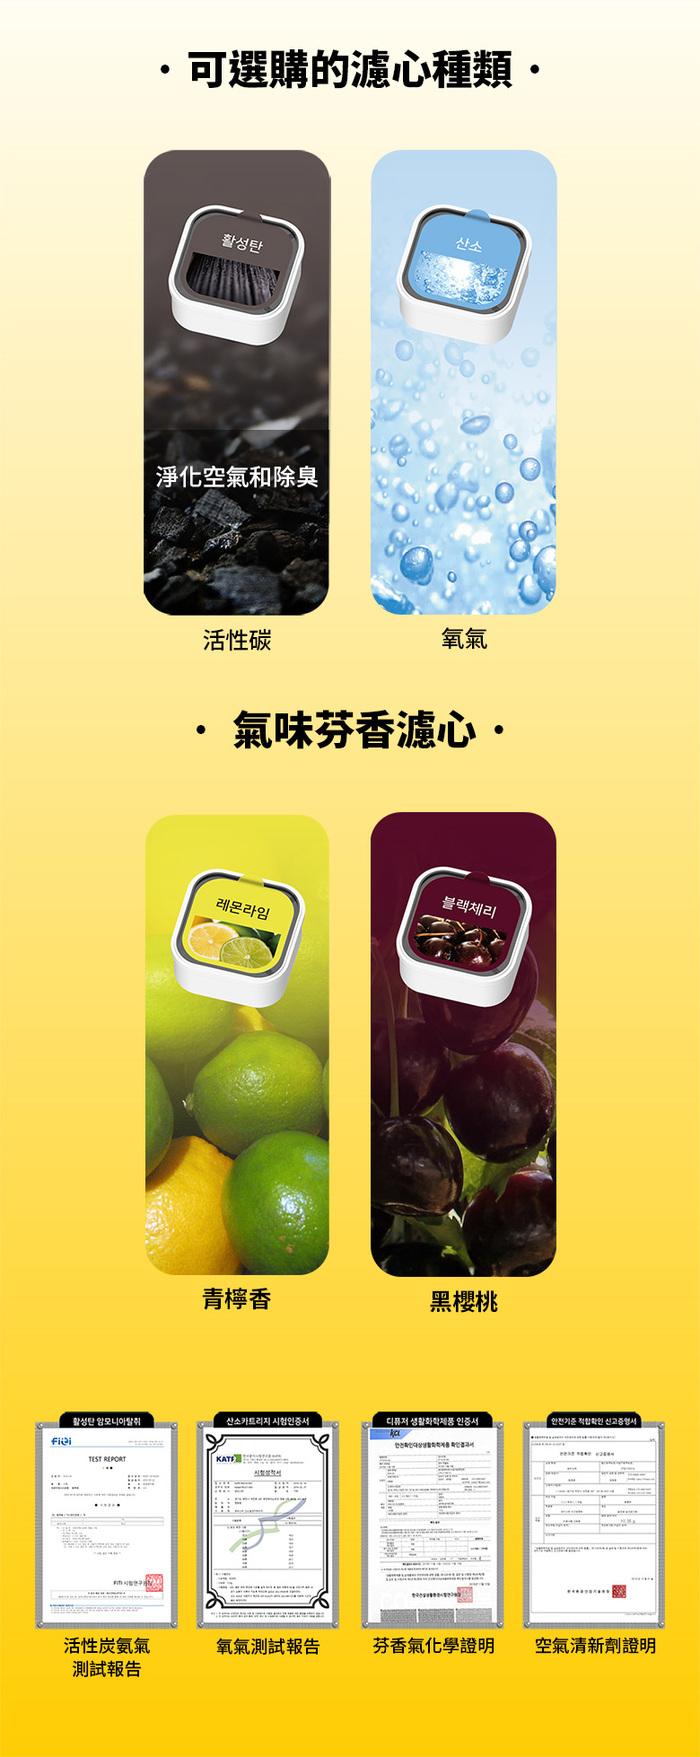 Zunion|Airtum 專用濾心(3種味道可選擇)(每種2入)